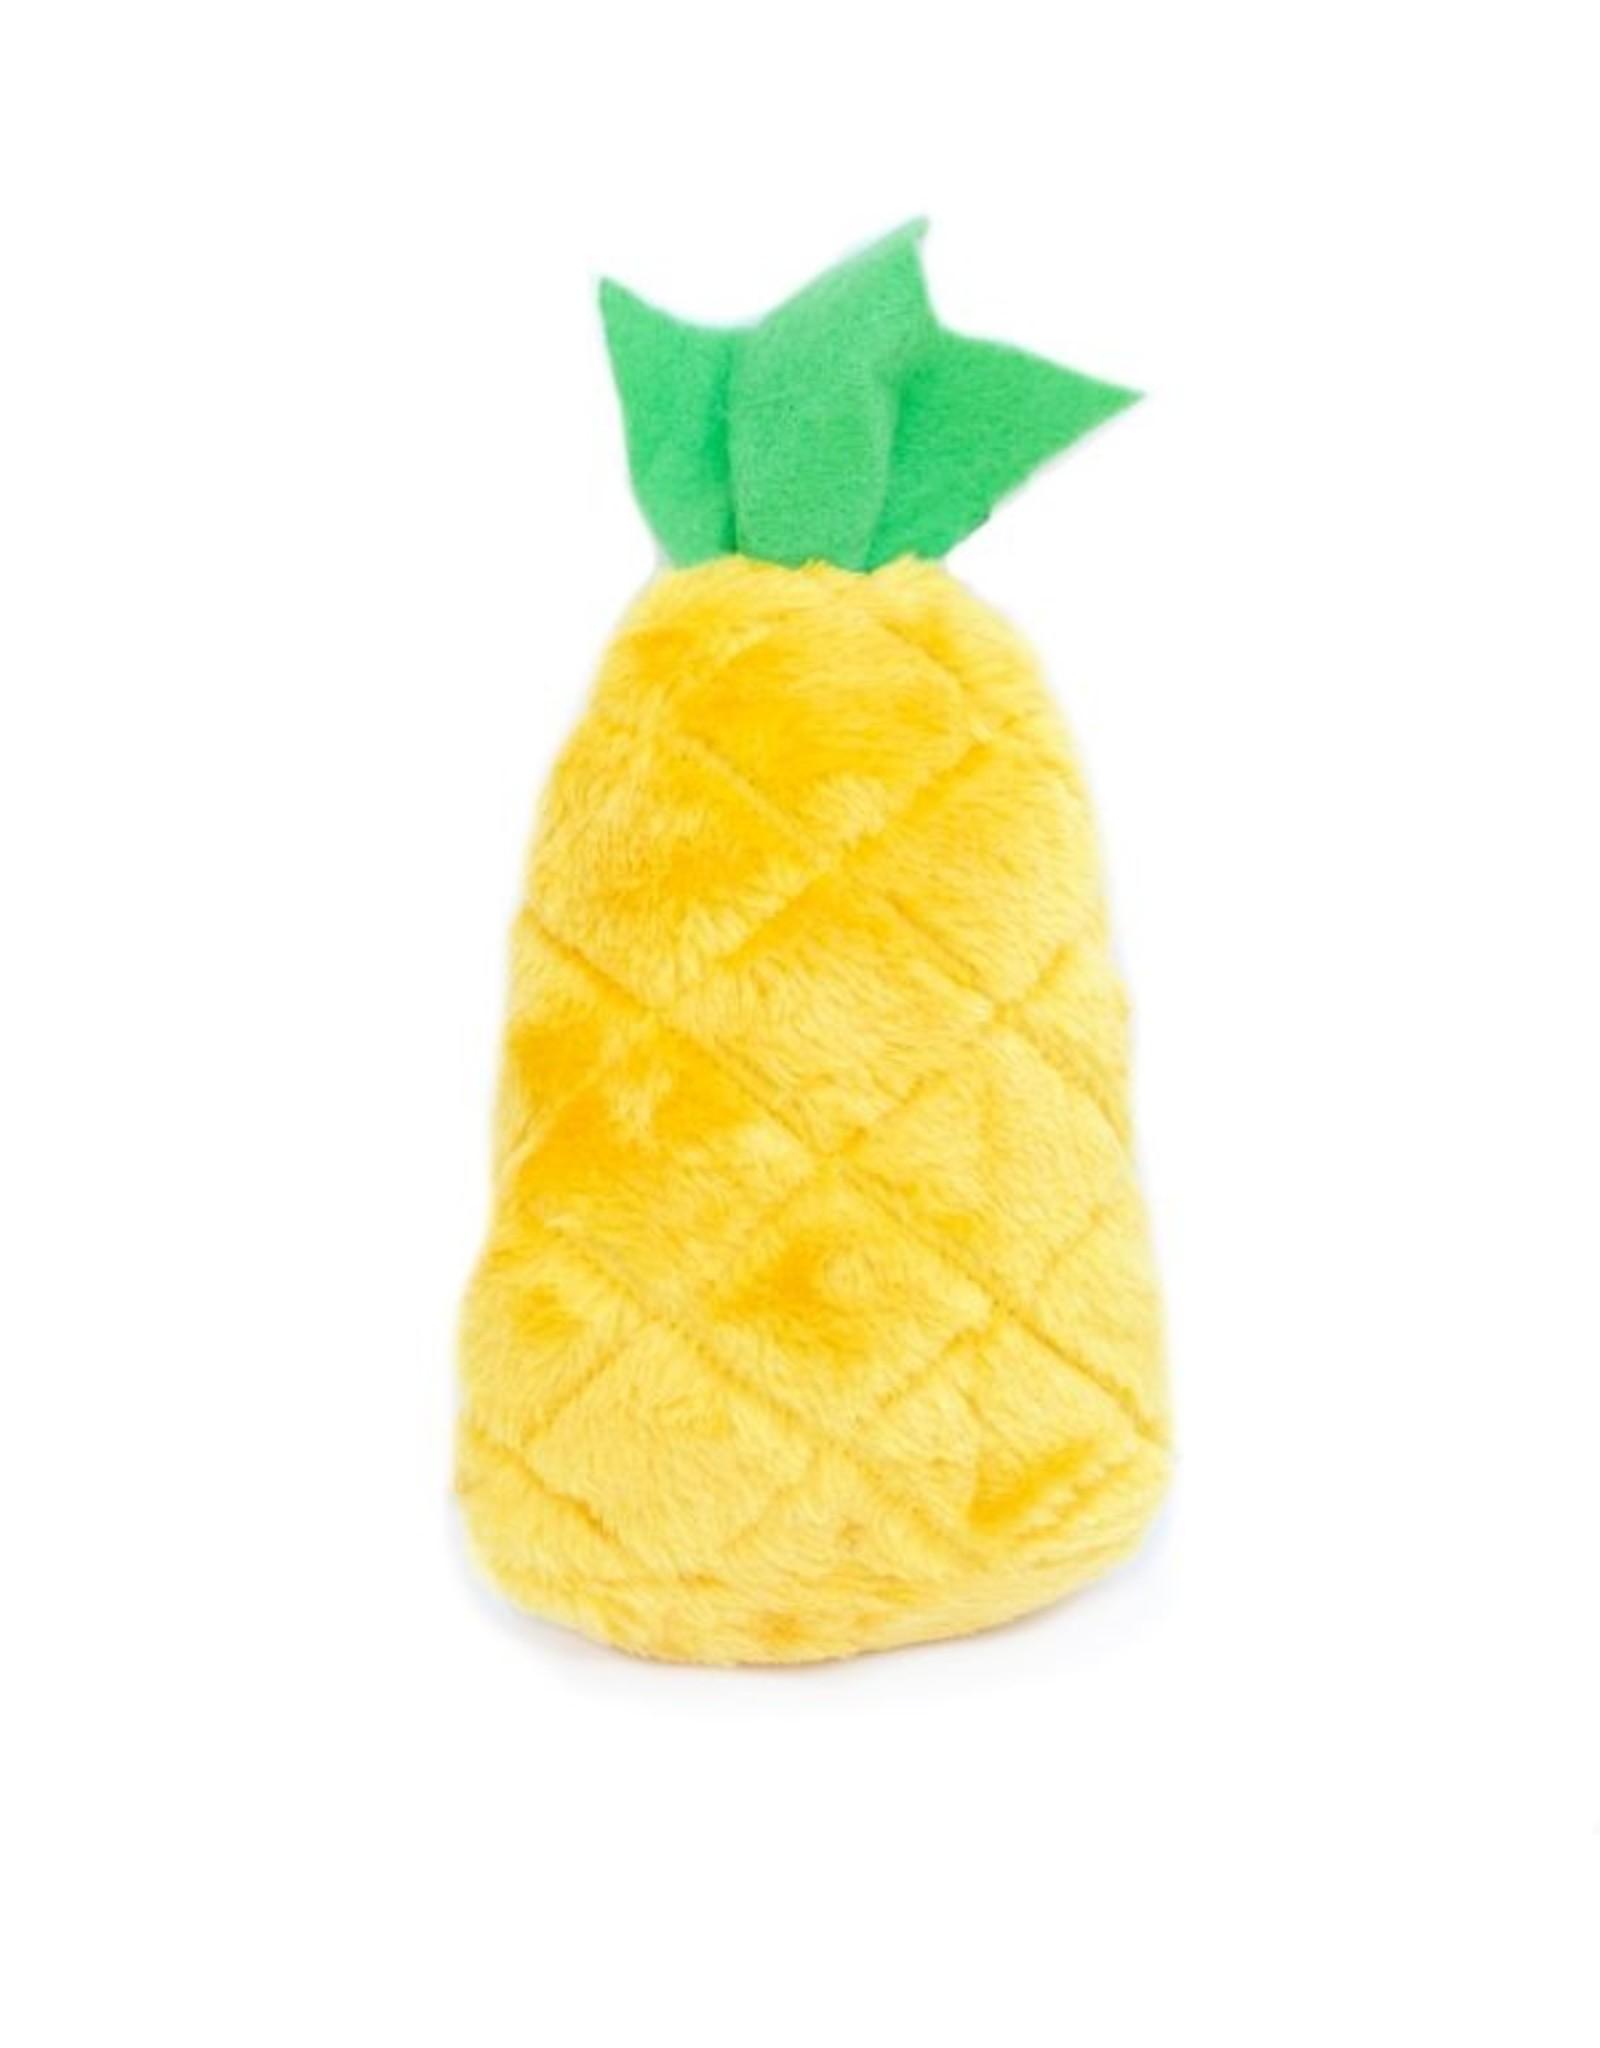 Zippy Paws NomNomz Pineapple